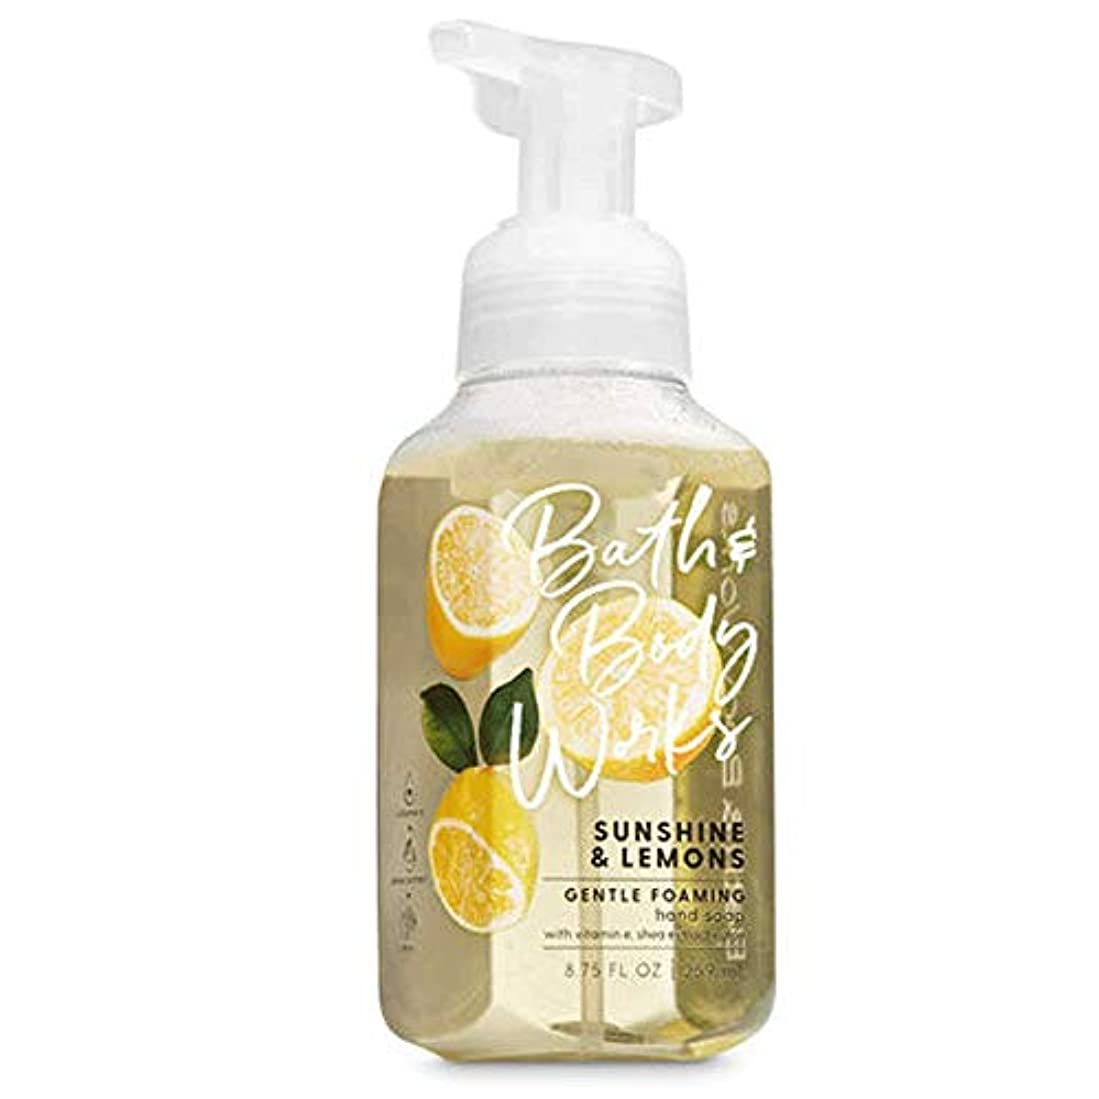 野球後退するポールバス&ボディワークス サンシャインレモン ジェントル フォーミング ハンドソープ Sunshine & Lemons Gentle Foaming Hand Soap